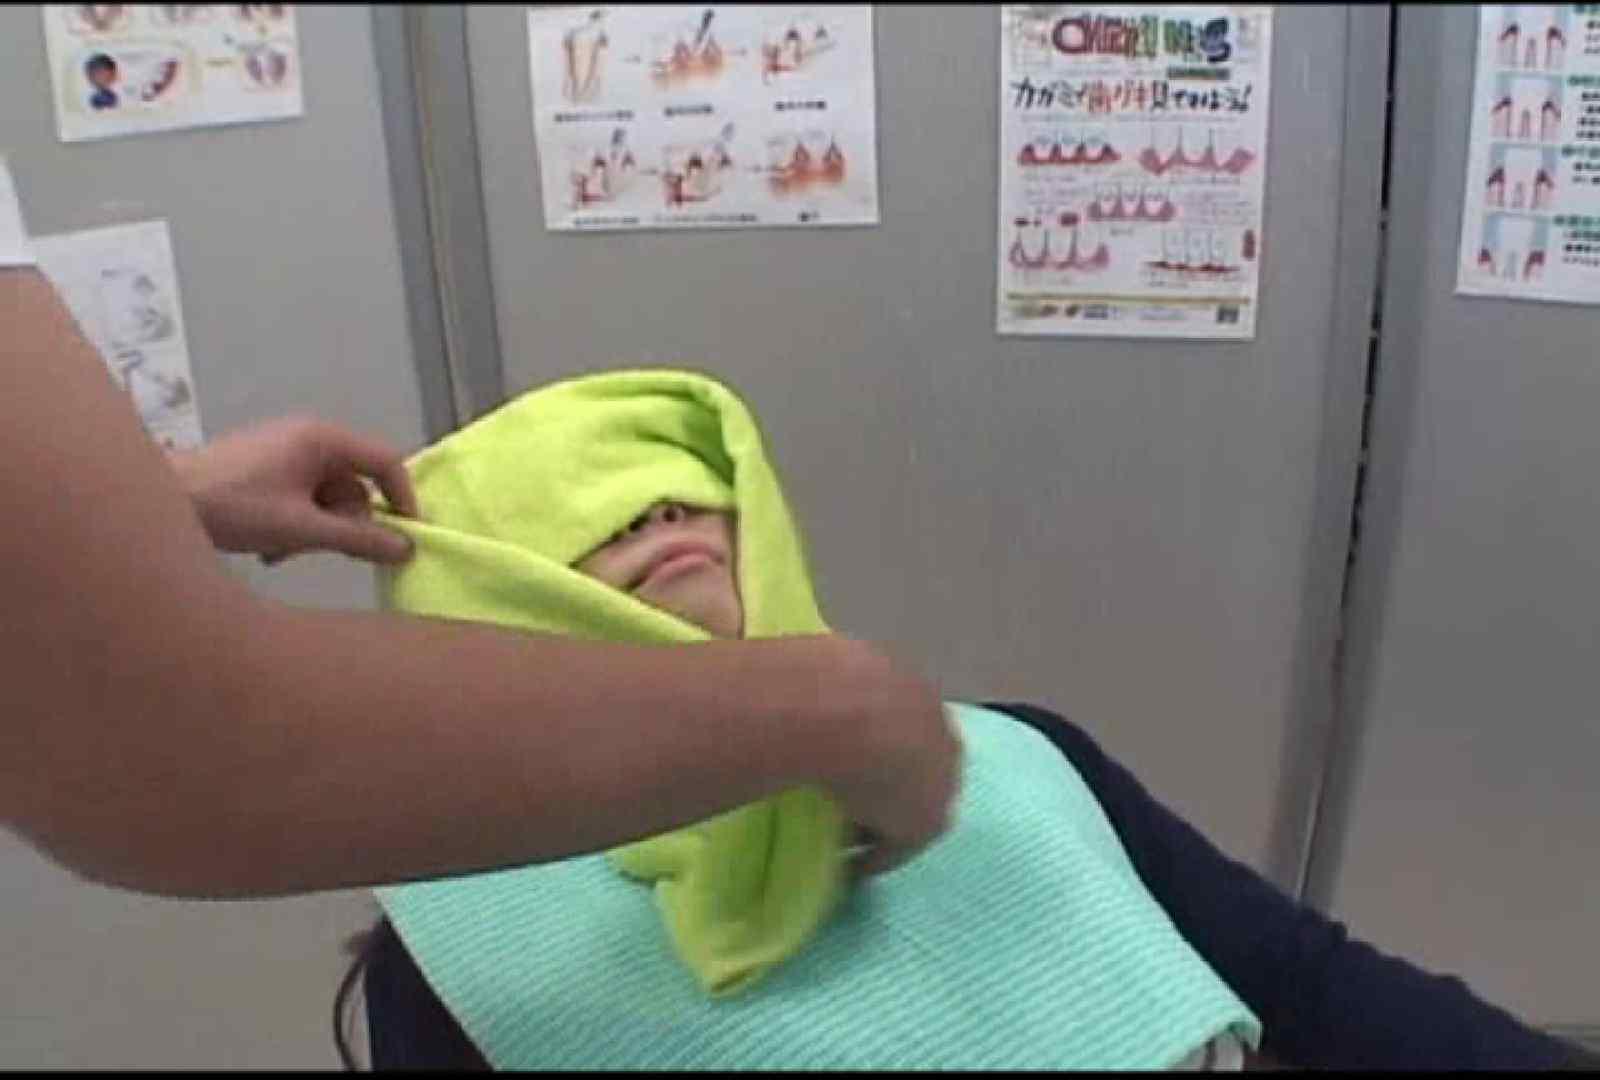 看護師が流出させた歯科医院接写パンツVol.5 パンチラ ワレメ動画紹介 99pic 44